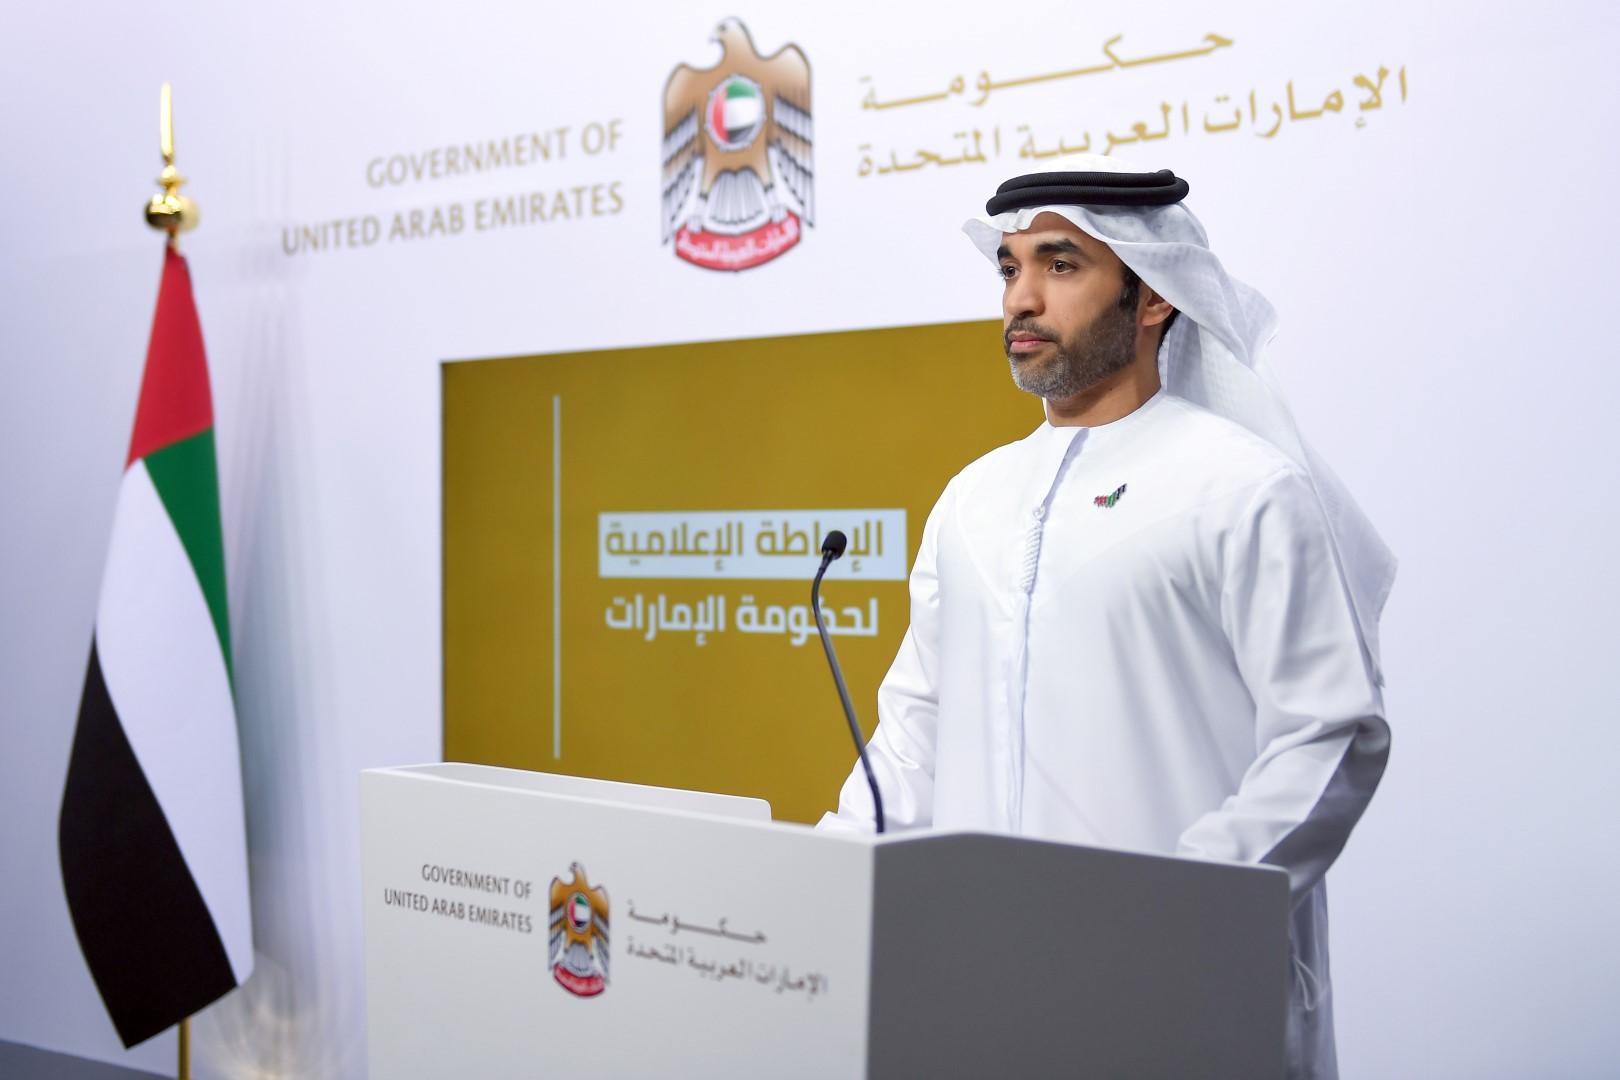 الإحاطة الإعلامية لحكومة الإمارات : الالتزام بالإجراءات الاحترازية واجب شرعي ووطني وحملات تفتيشية مكثفة خلال رمضان